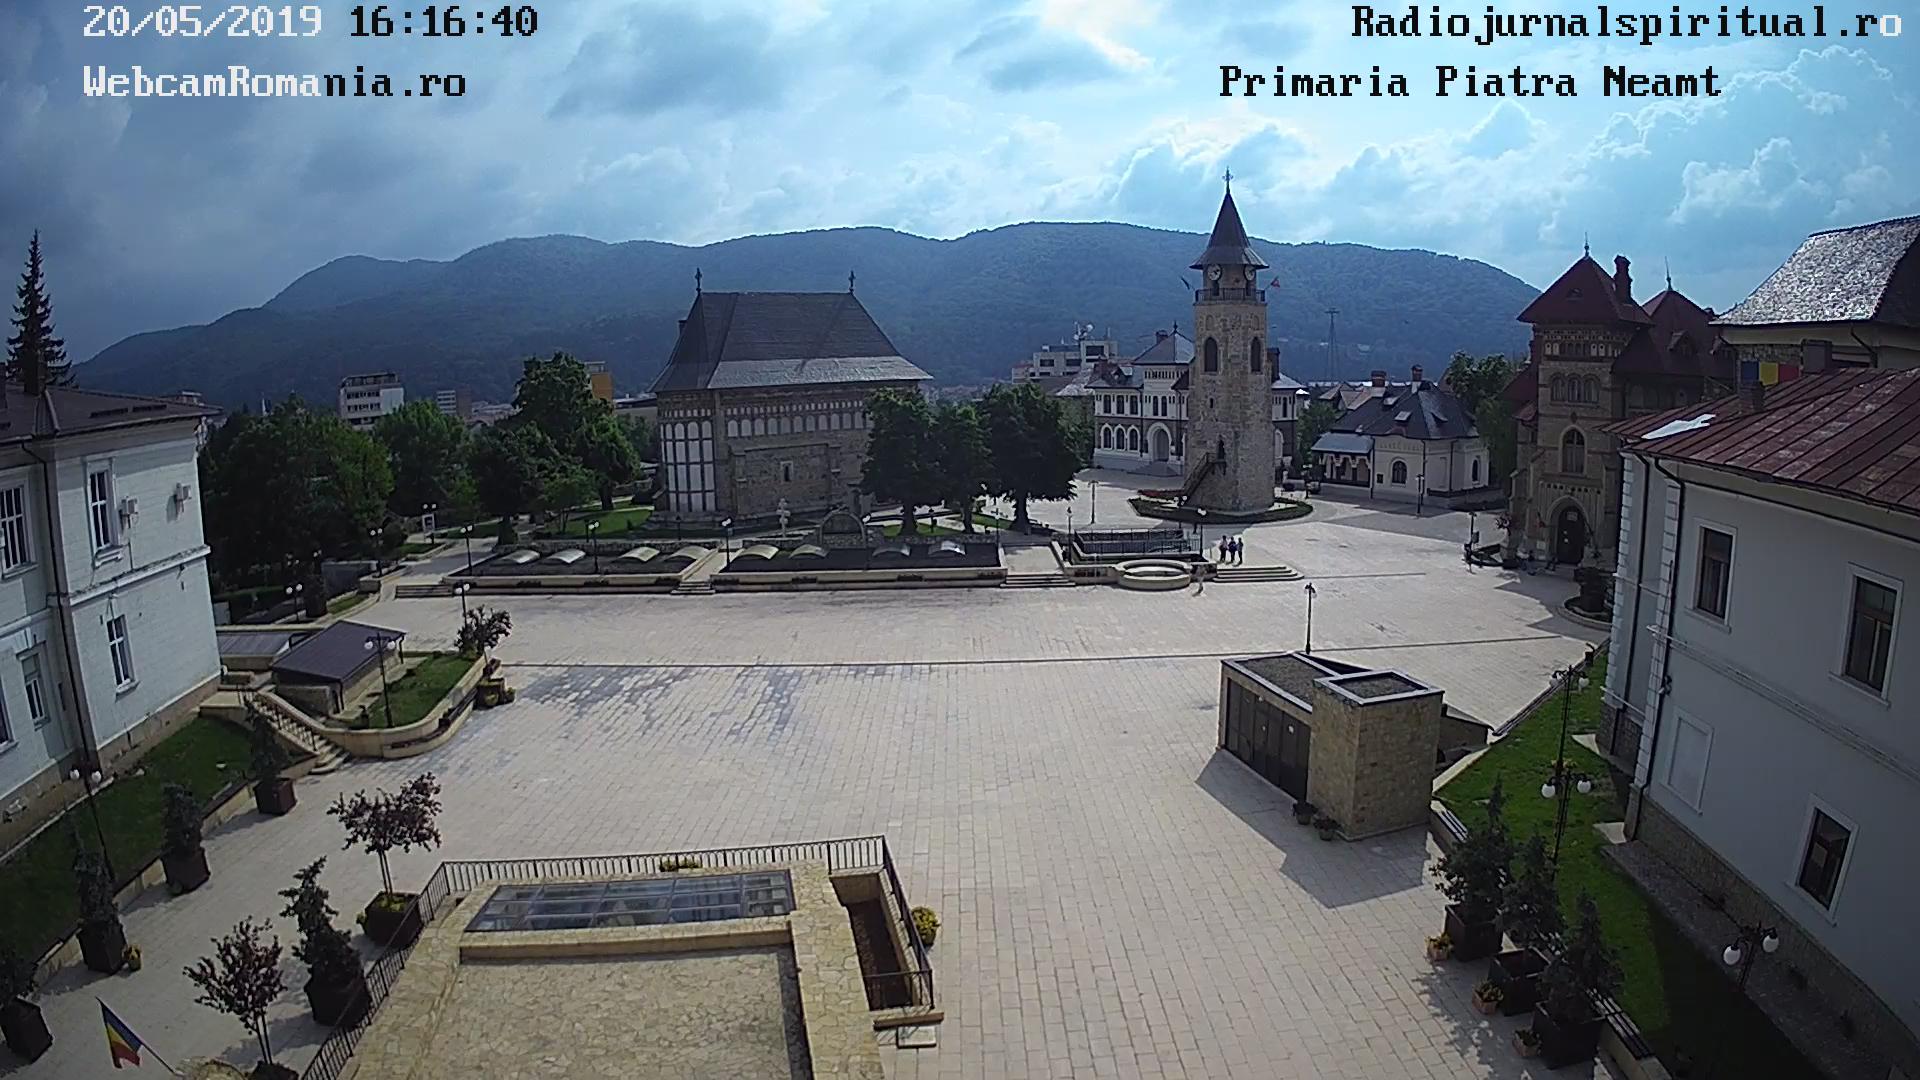 Webcam Piatra Neamt Camere Live Curtea Domneasca Jud Neamt